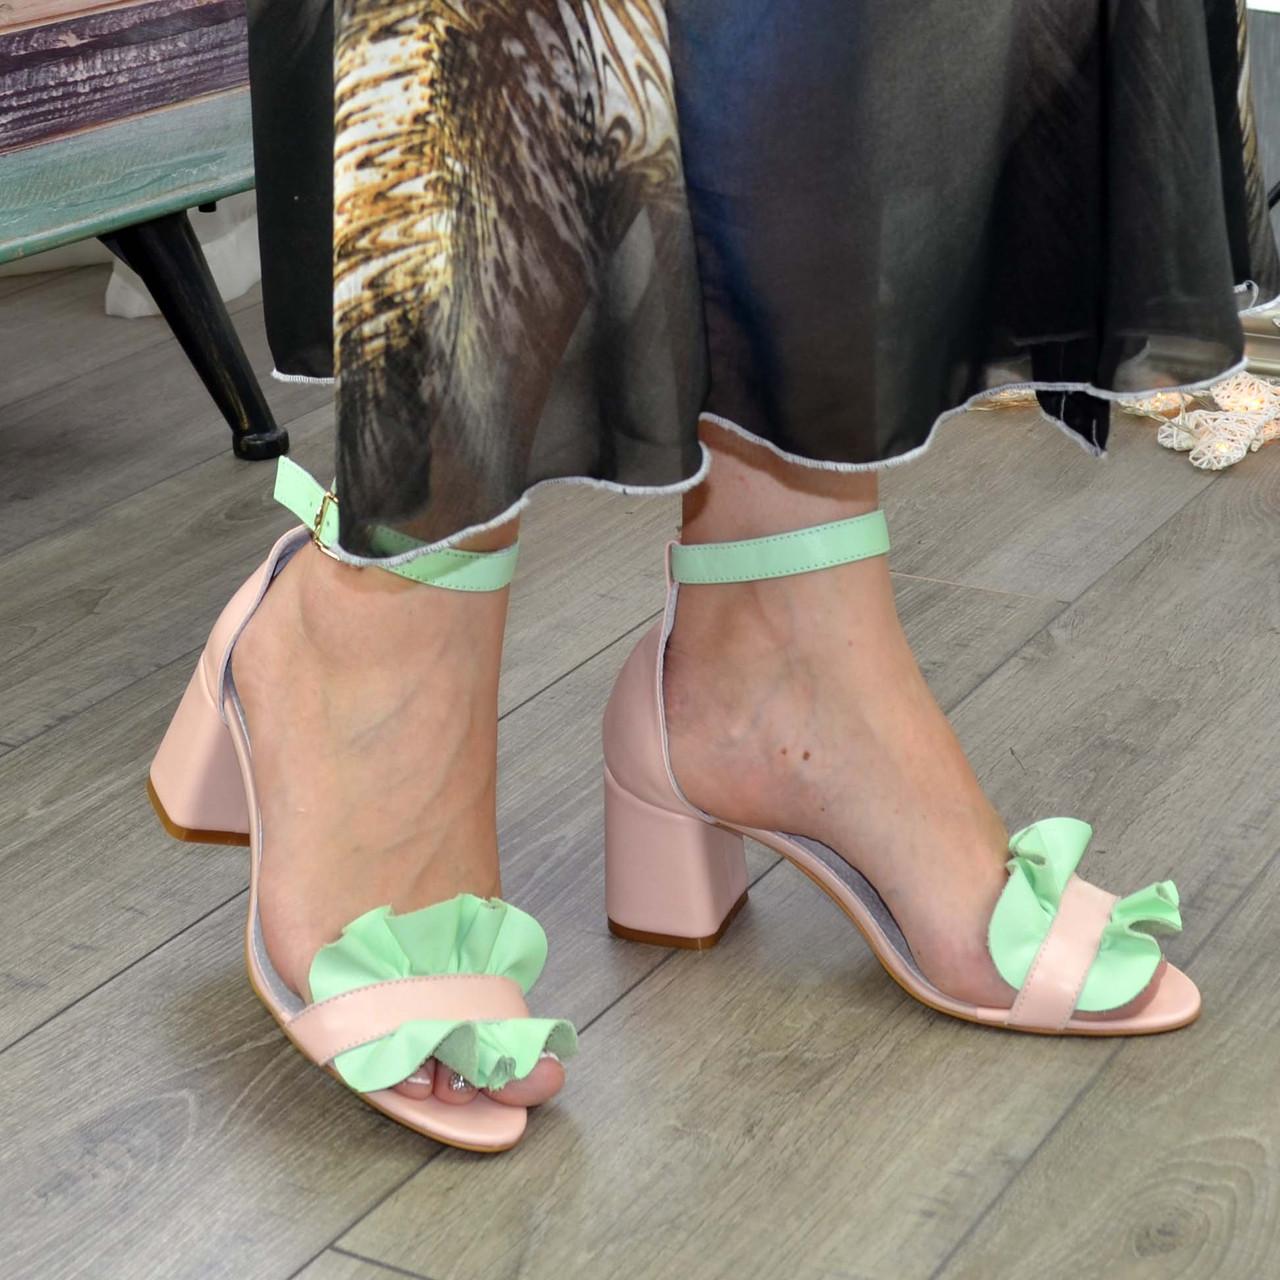 Босоножки женские кожаные на устойчивом каблуке. Цвет пудра/мята